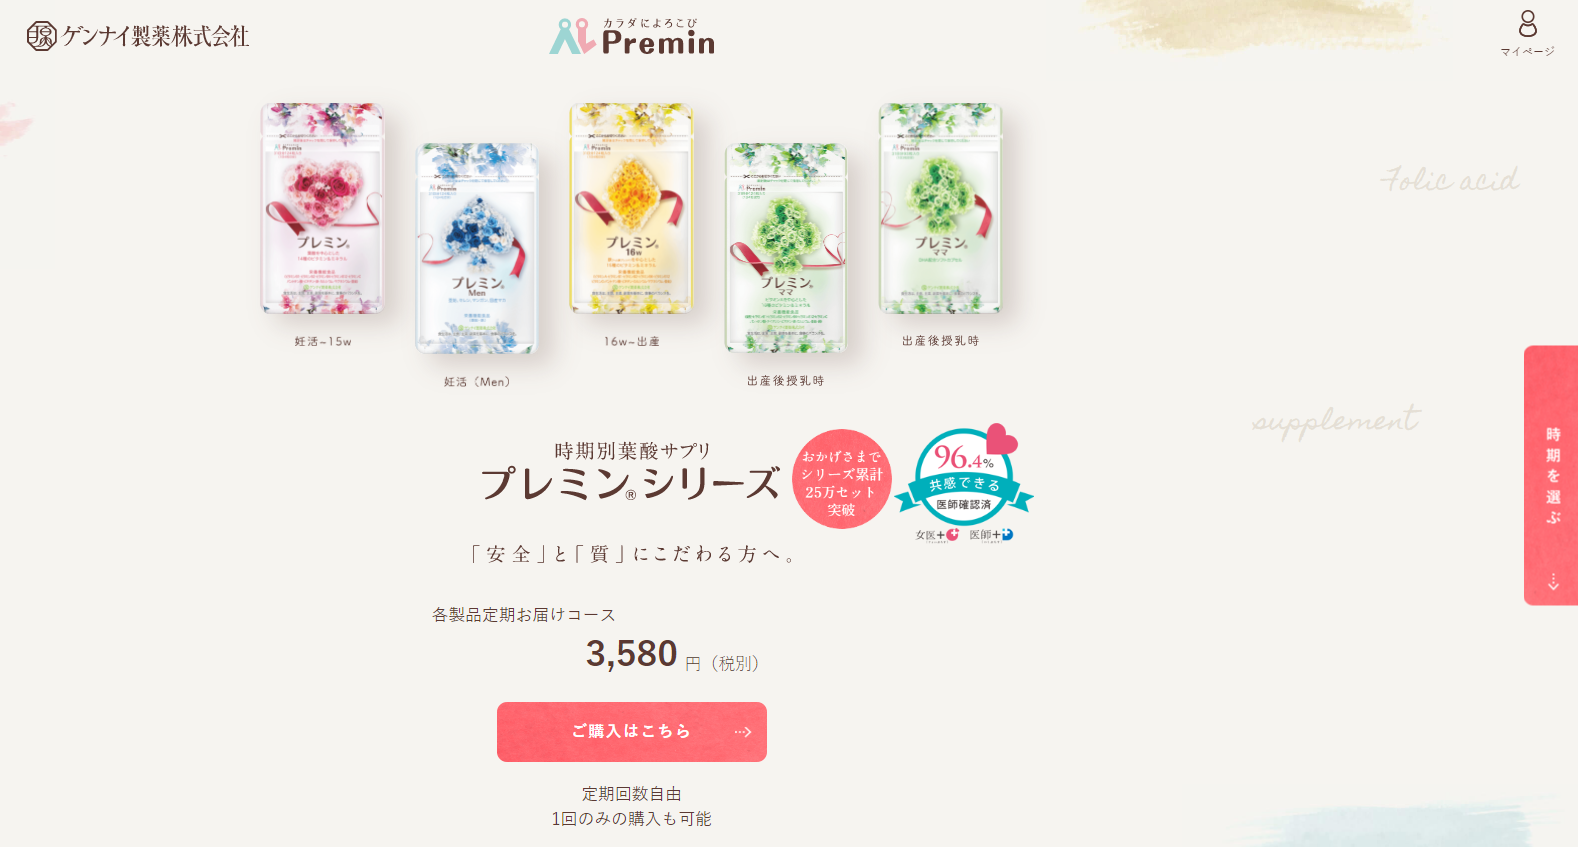 「プレミン」公式サイトトップ画面